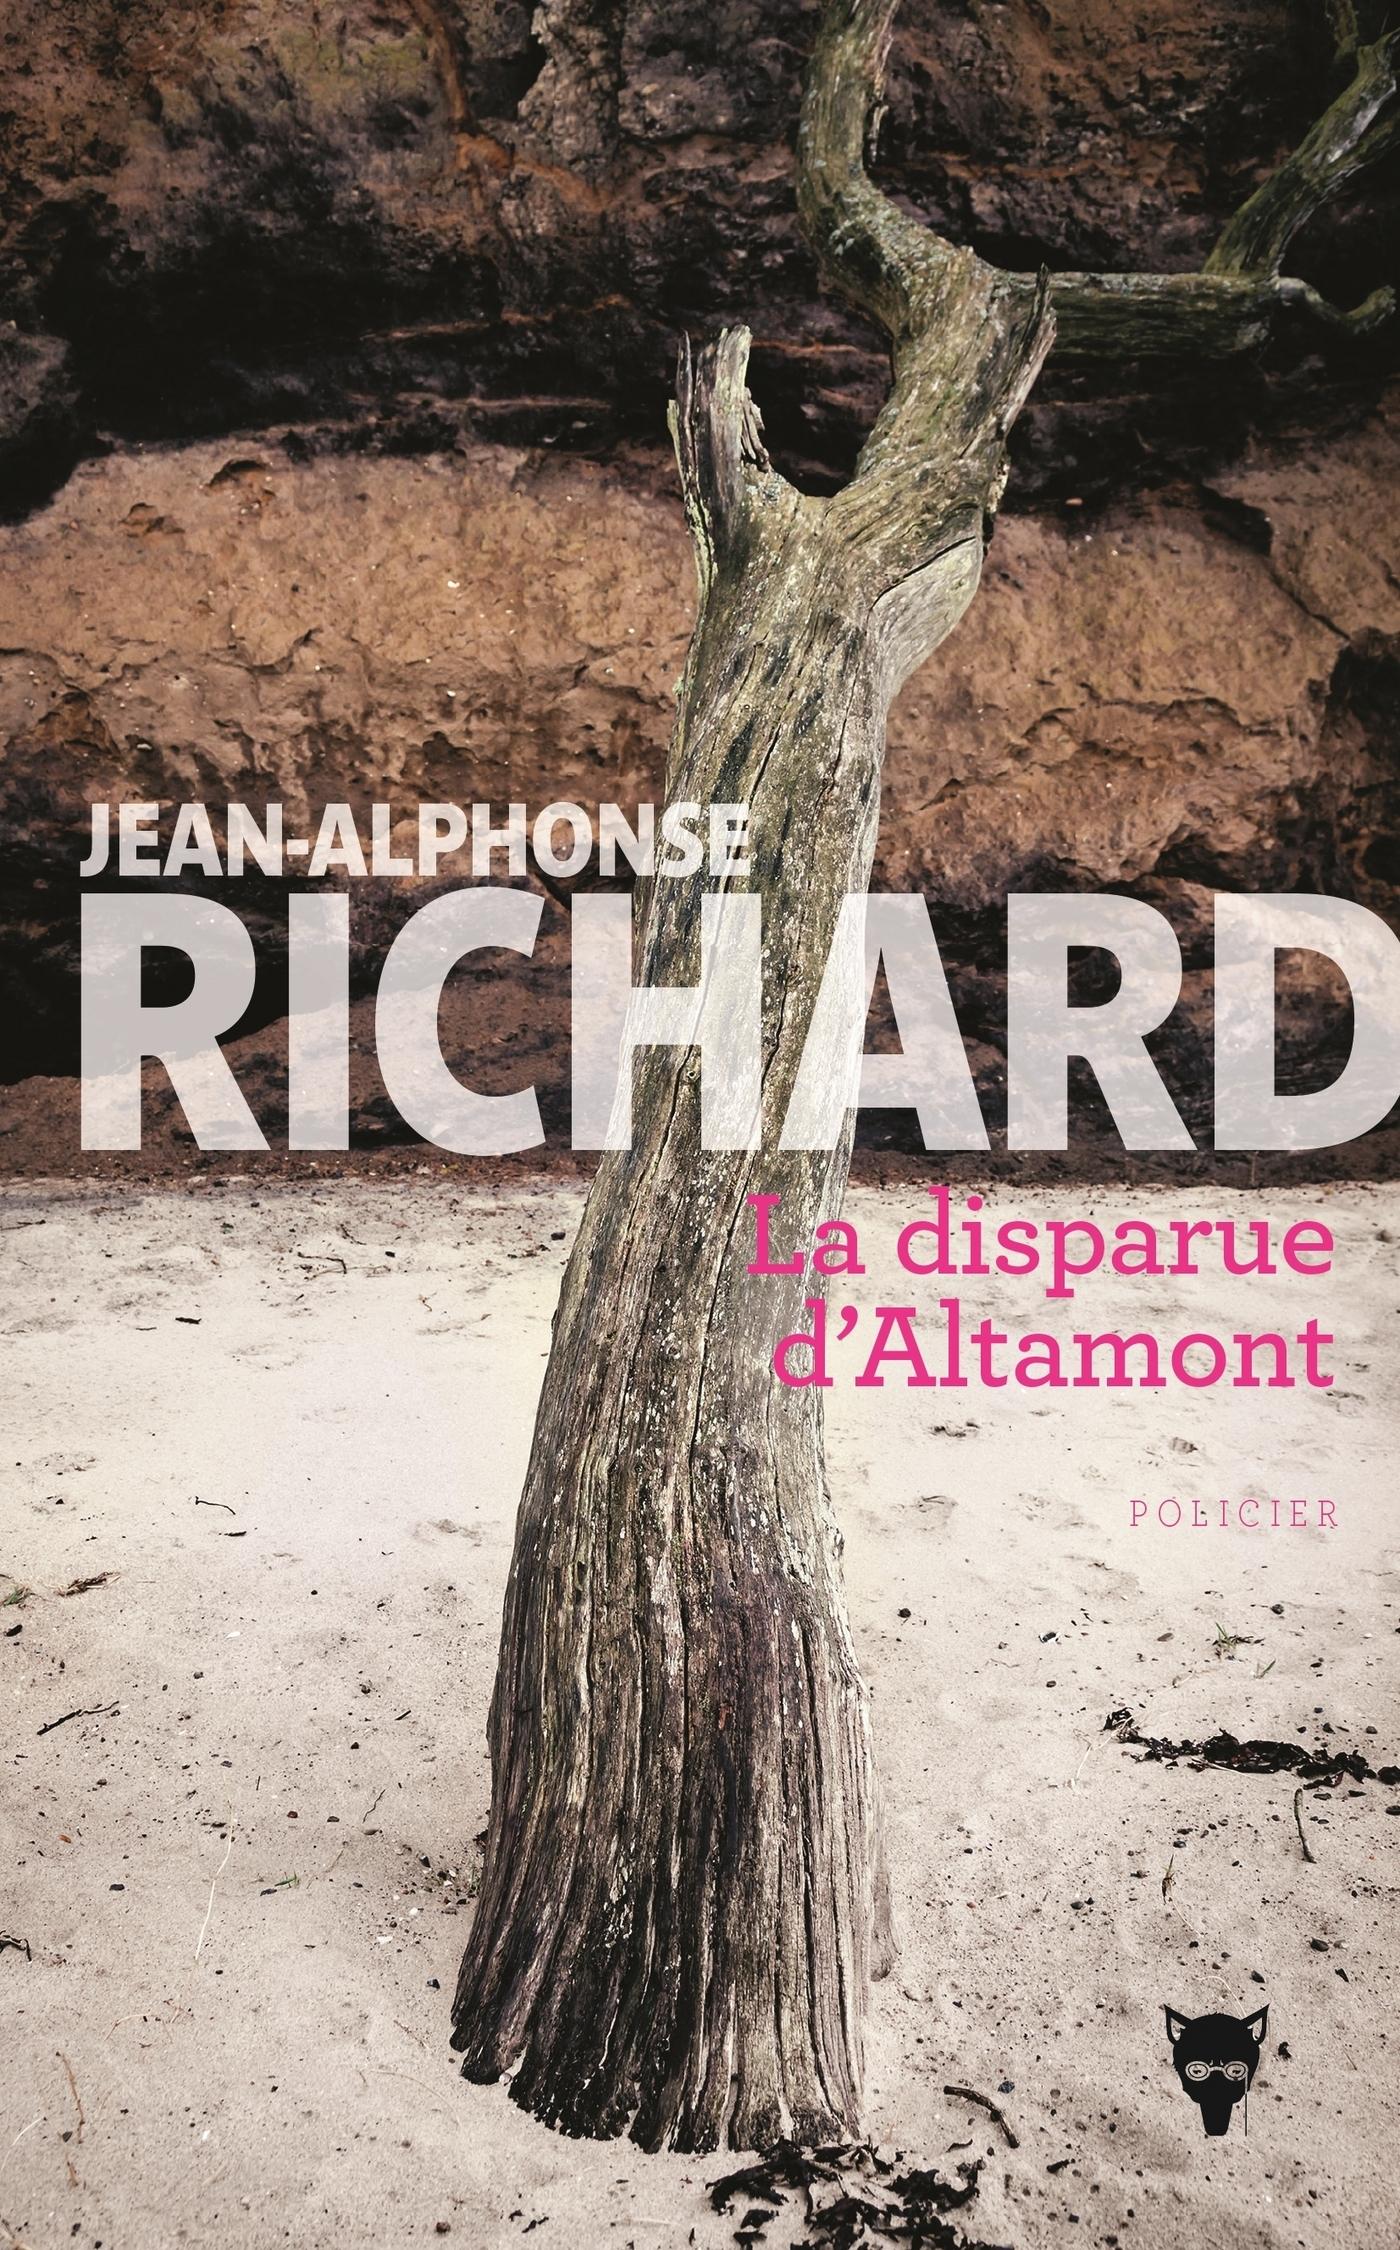 La disparue d'Altamont | Richard, Jean-alphonse